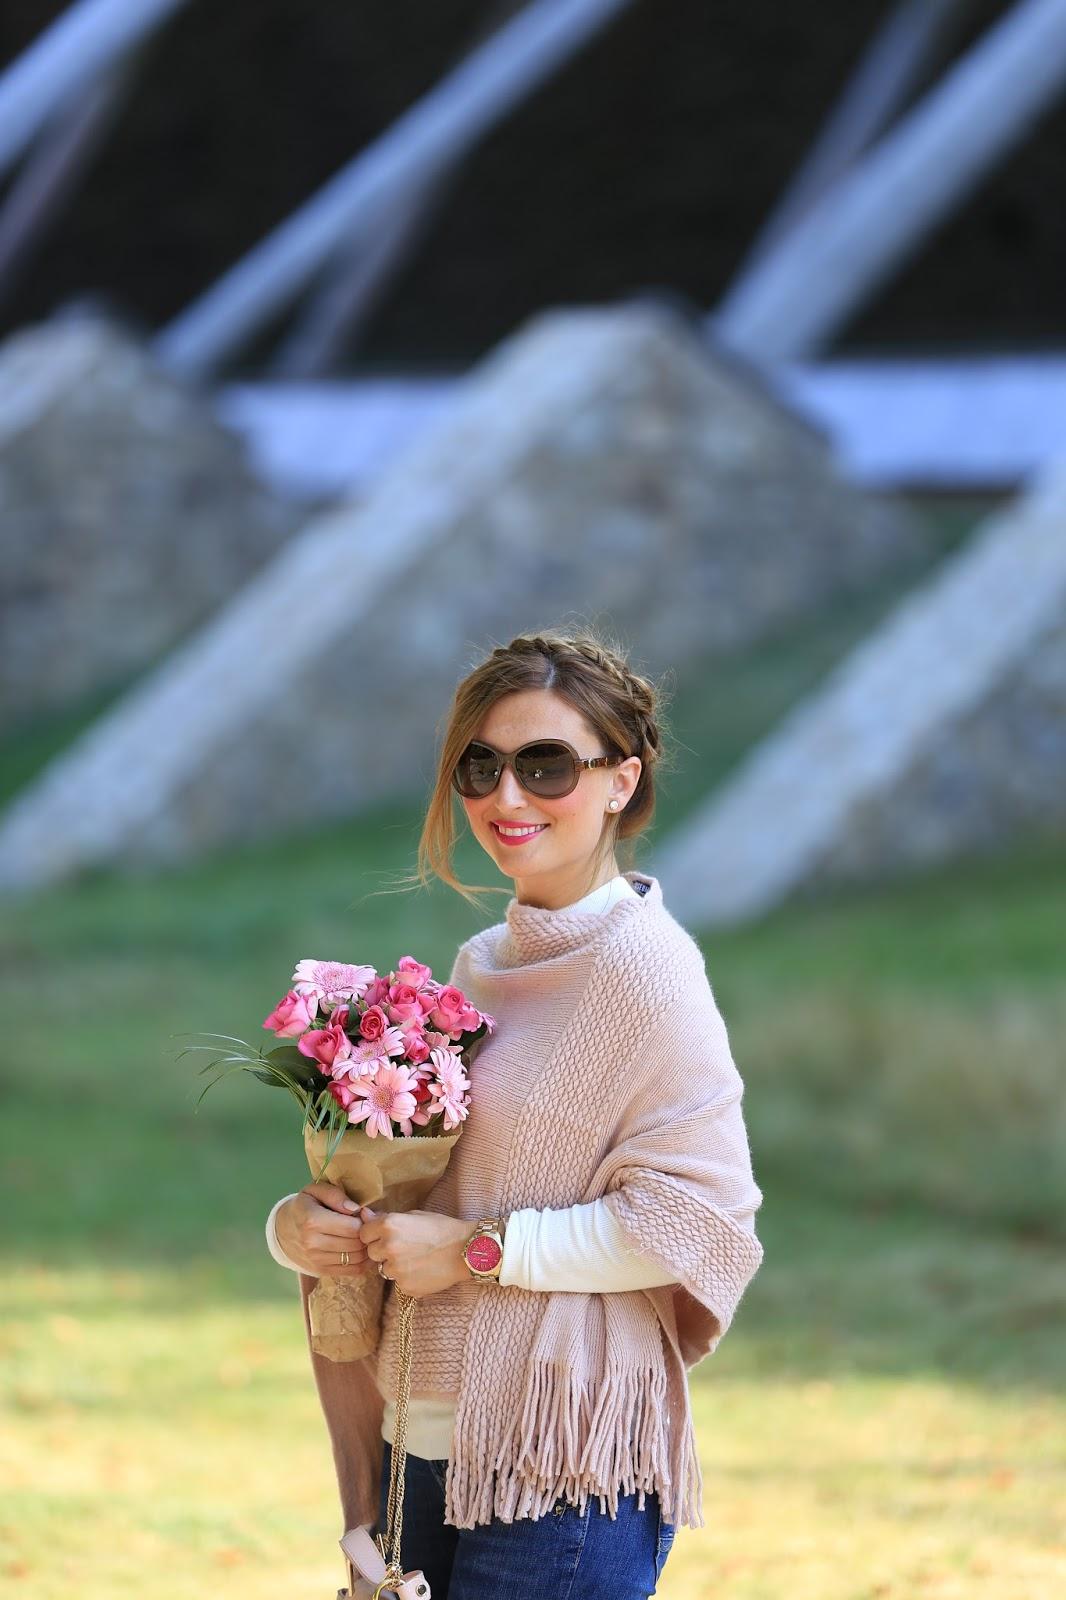 Fashionstylebyjohanna - Herbst Looks - Was zieht man im Herbst an - Poncho kombinieren